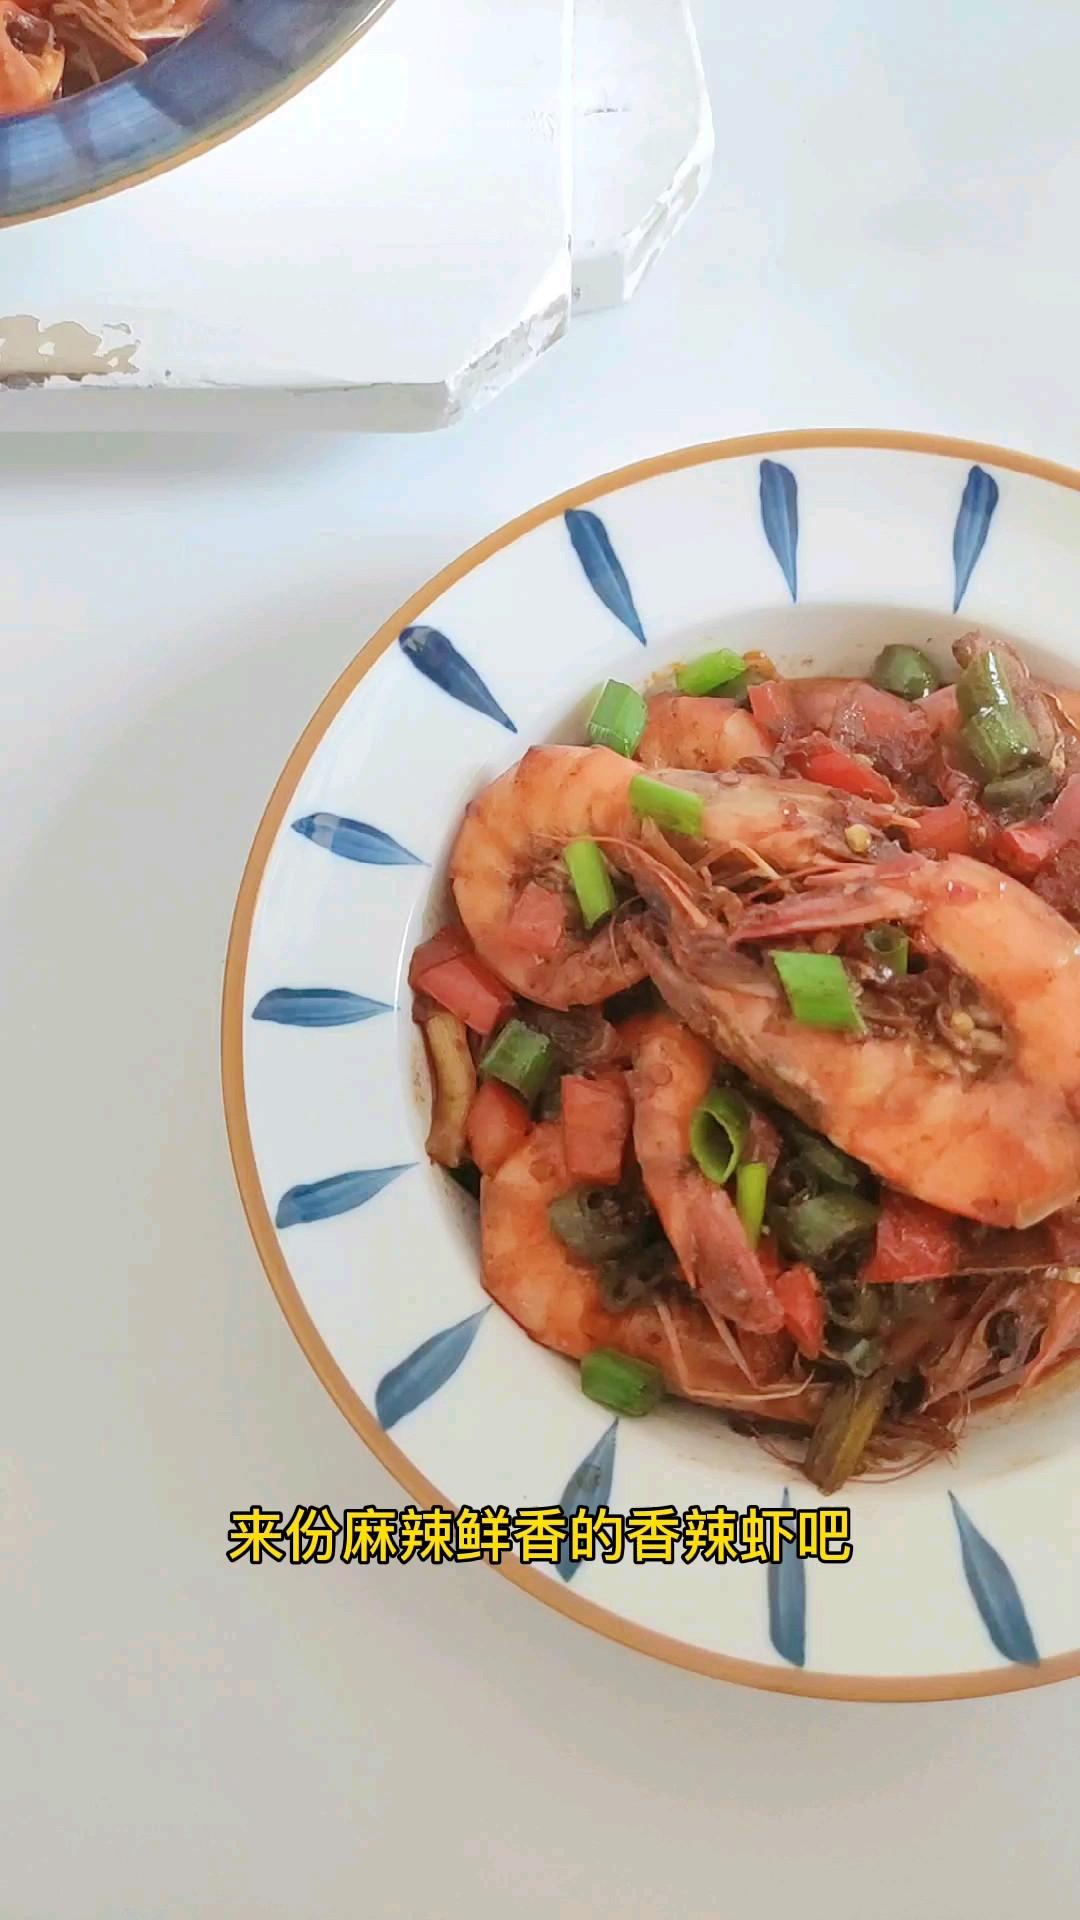 超好吃家常菜,香辣虾美食菜谱